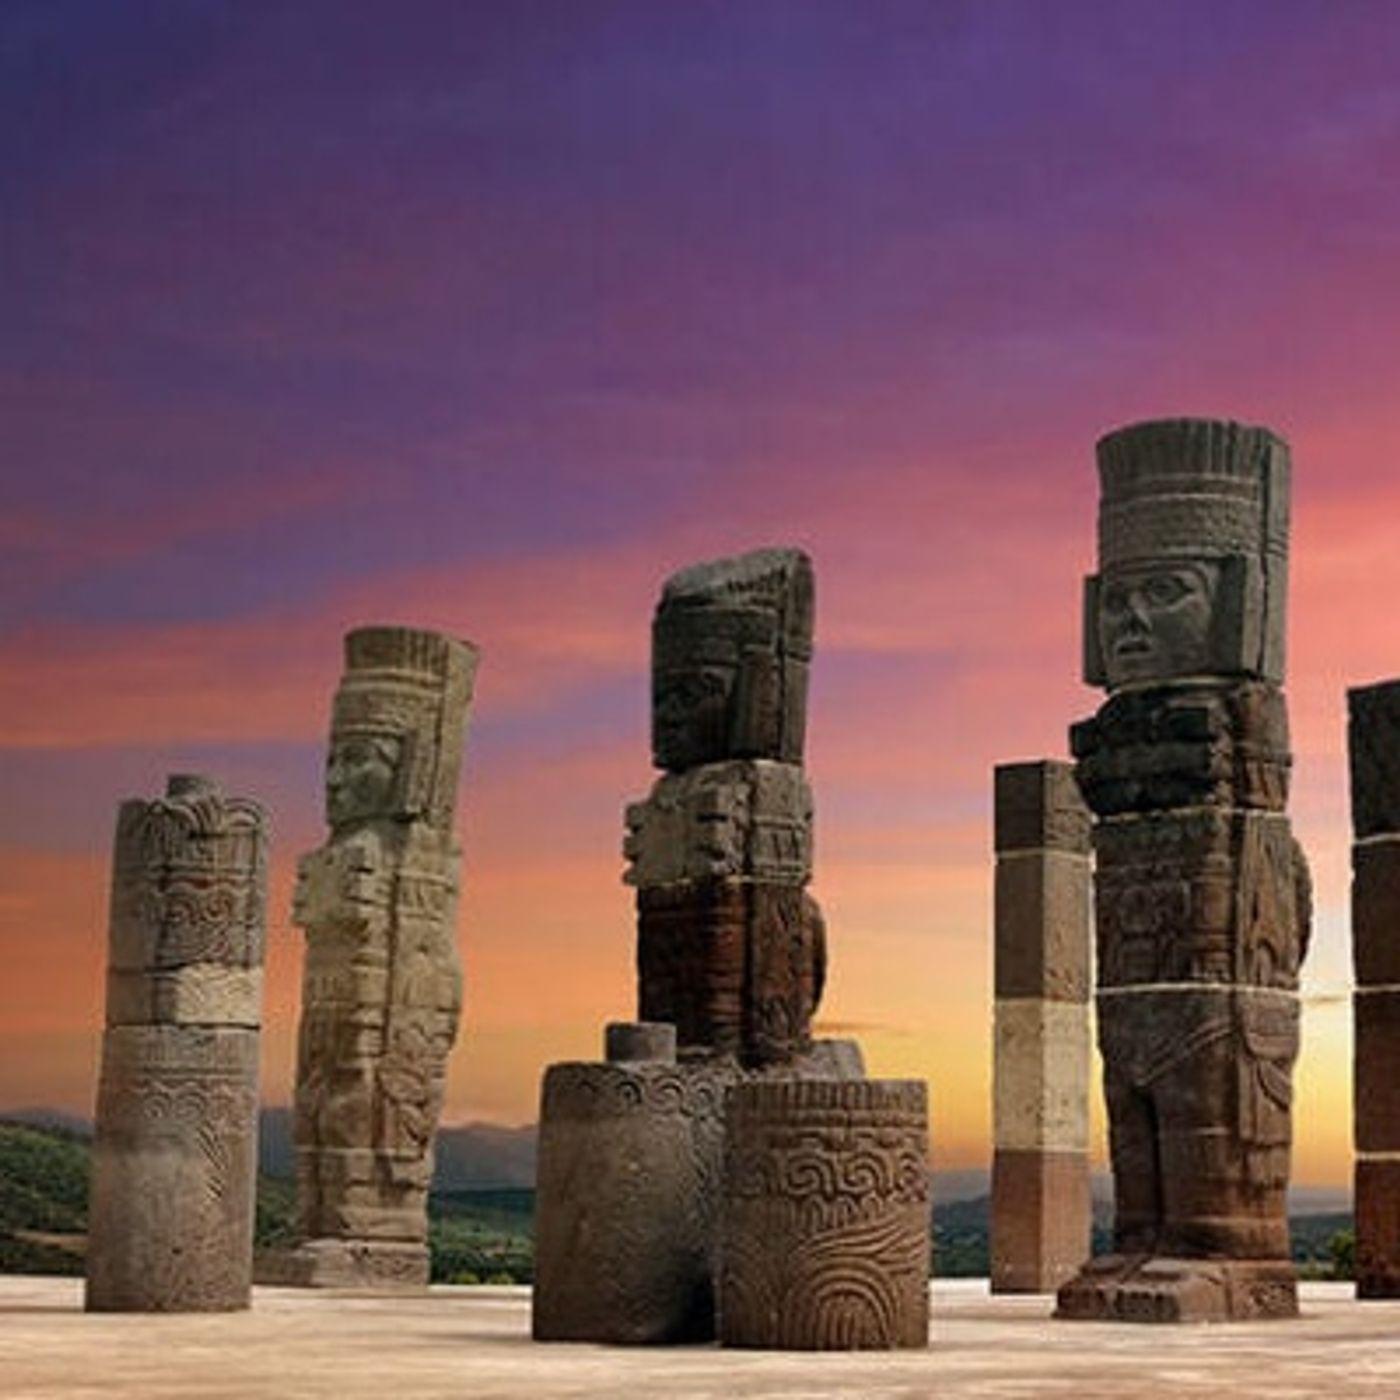 108 - Los cuatro acuerdos toltecas: sabiduría popular para la vida